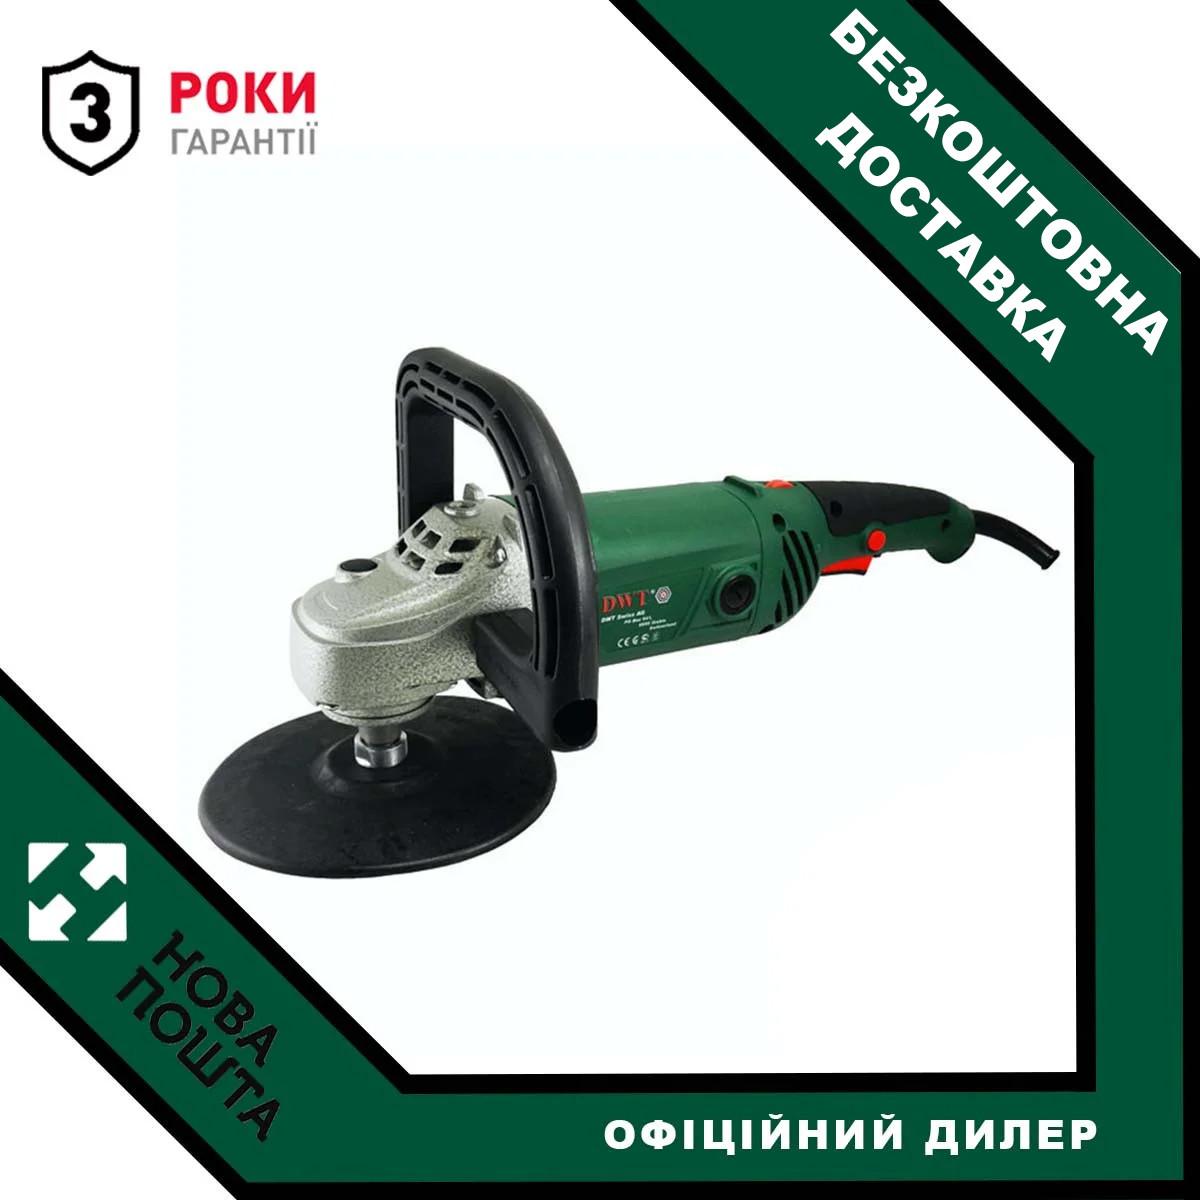 Полировальная машина DWT OP13-180 TV